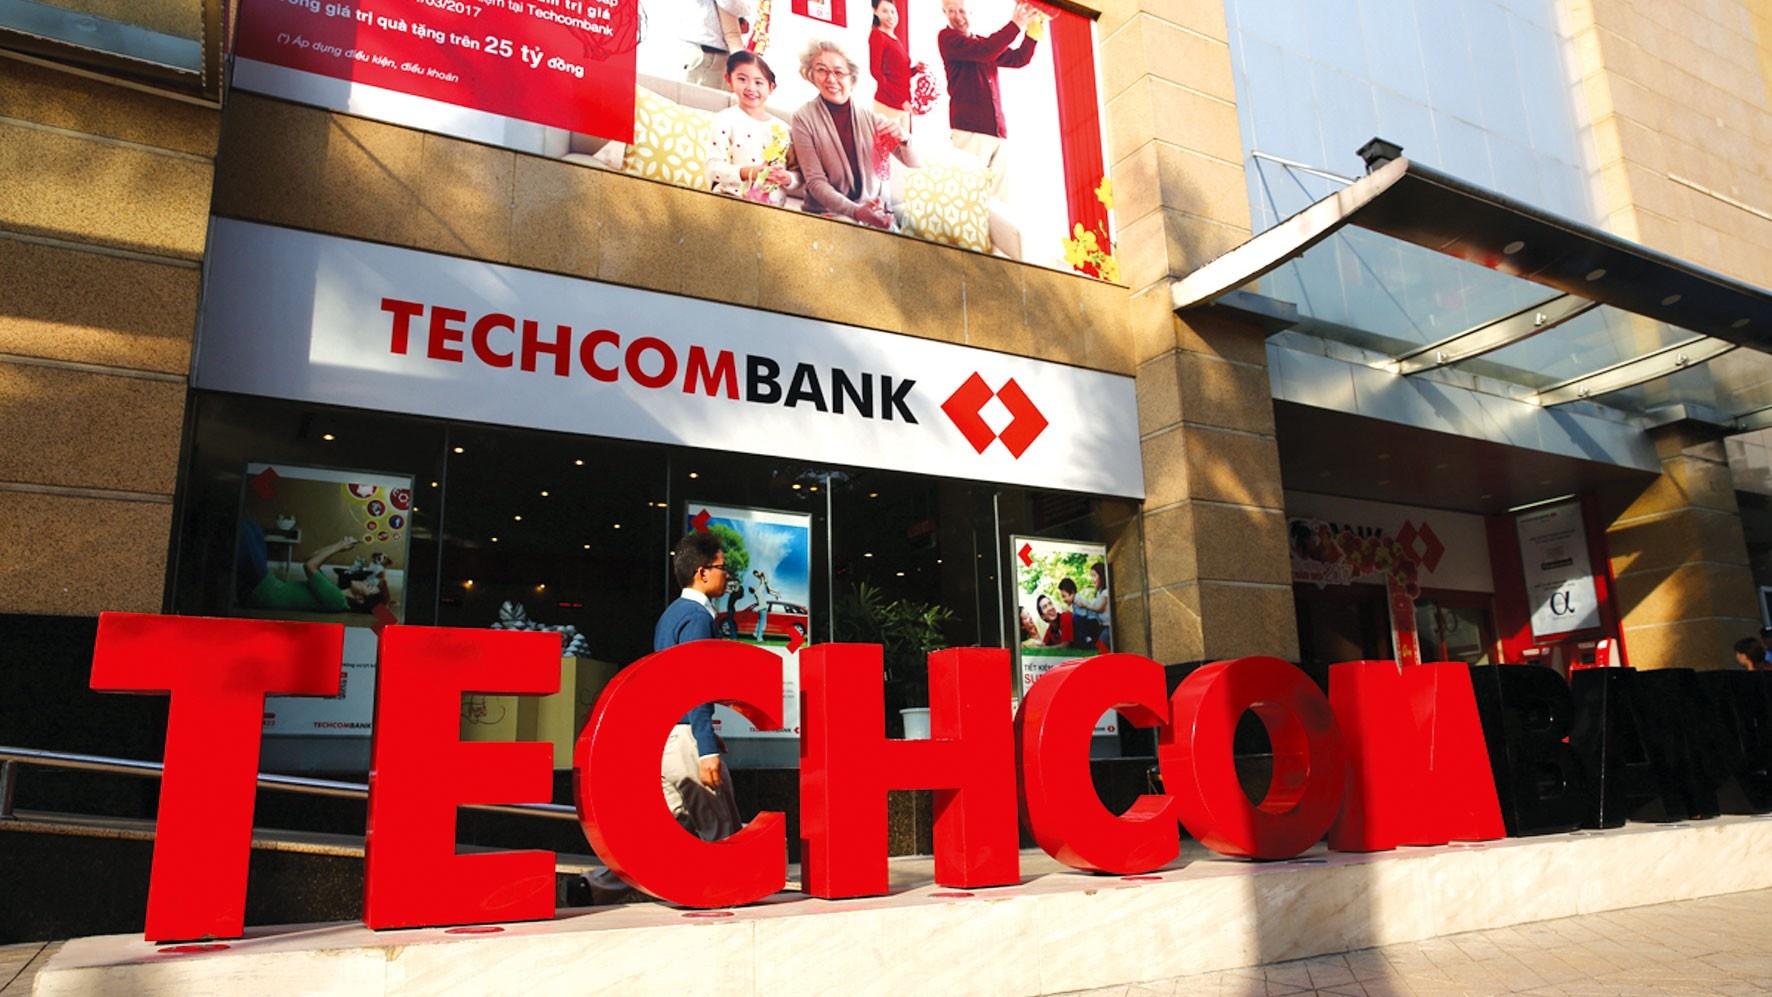 techcombank ngan hang doi tac hang dau tai viet nam cua adb